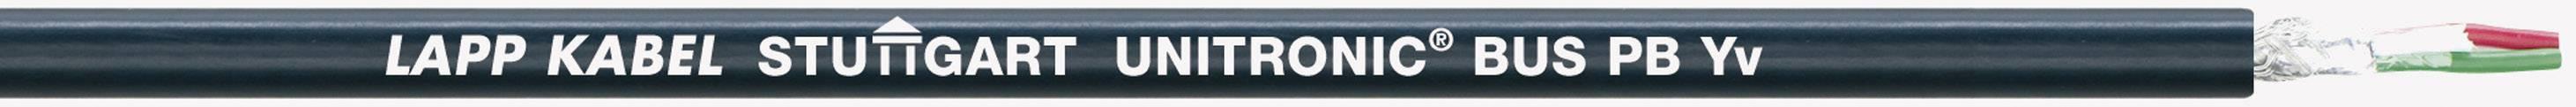 Zbernicový kábel LappKabel UNITRONIC® BUS 2170223, vnější Ø 9.40 mm, čierna, metrový tovar